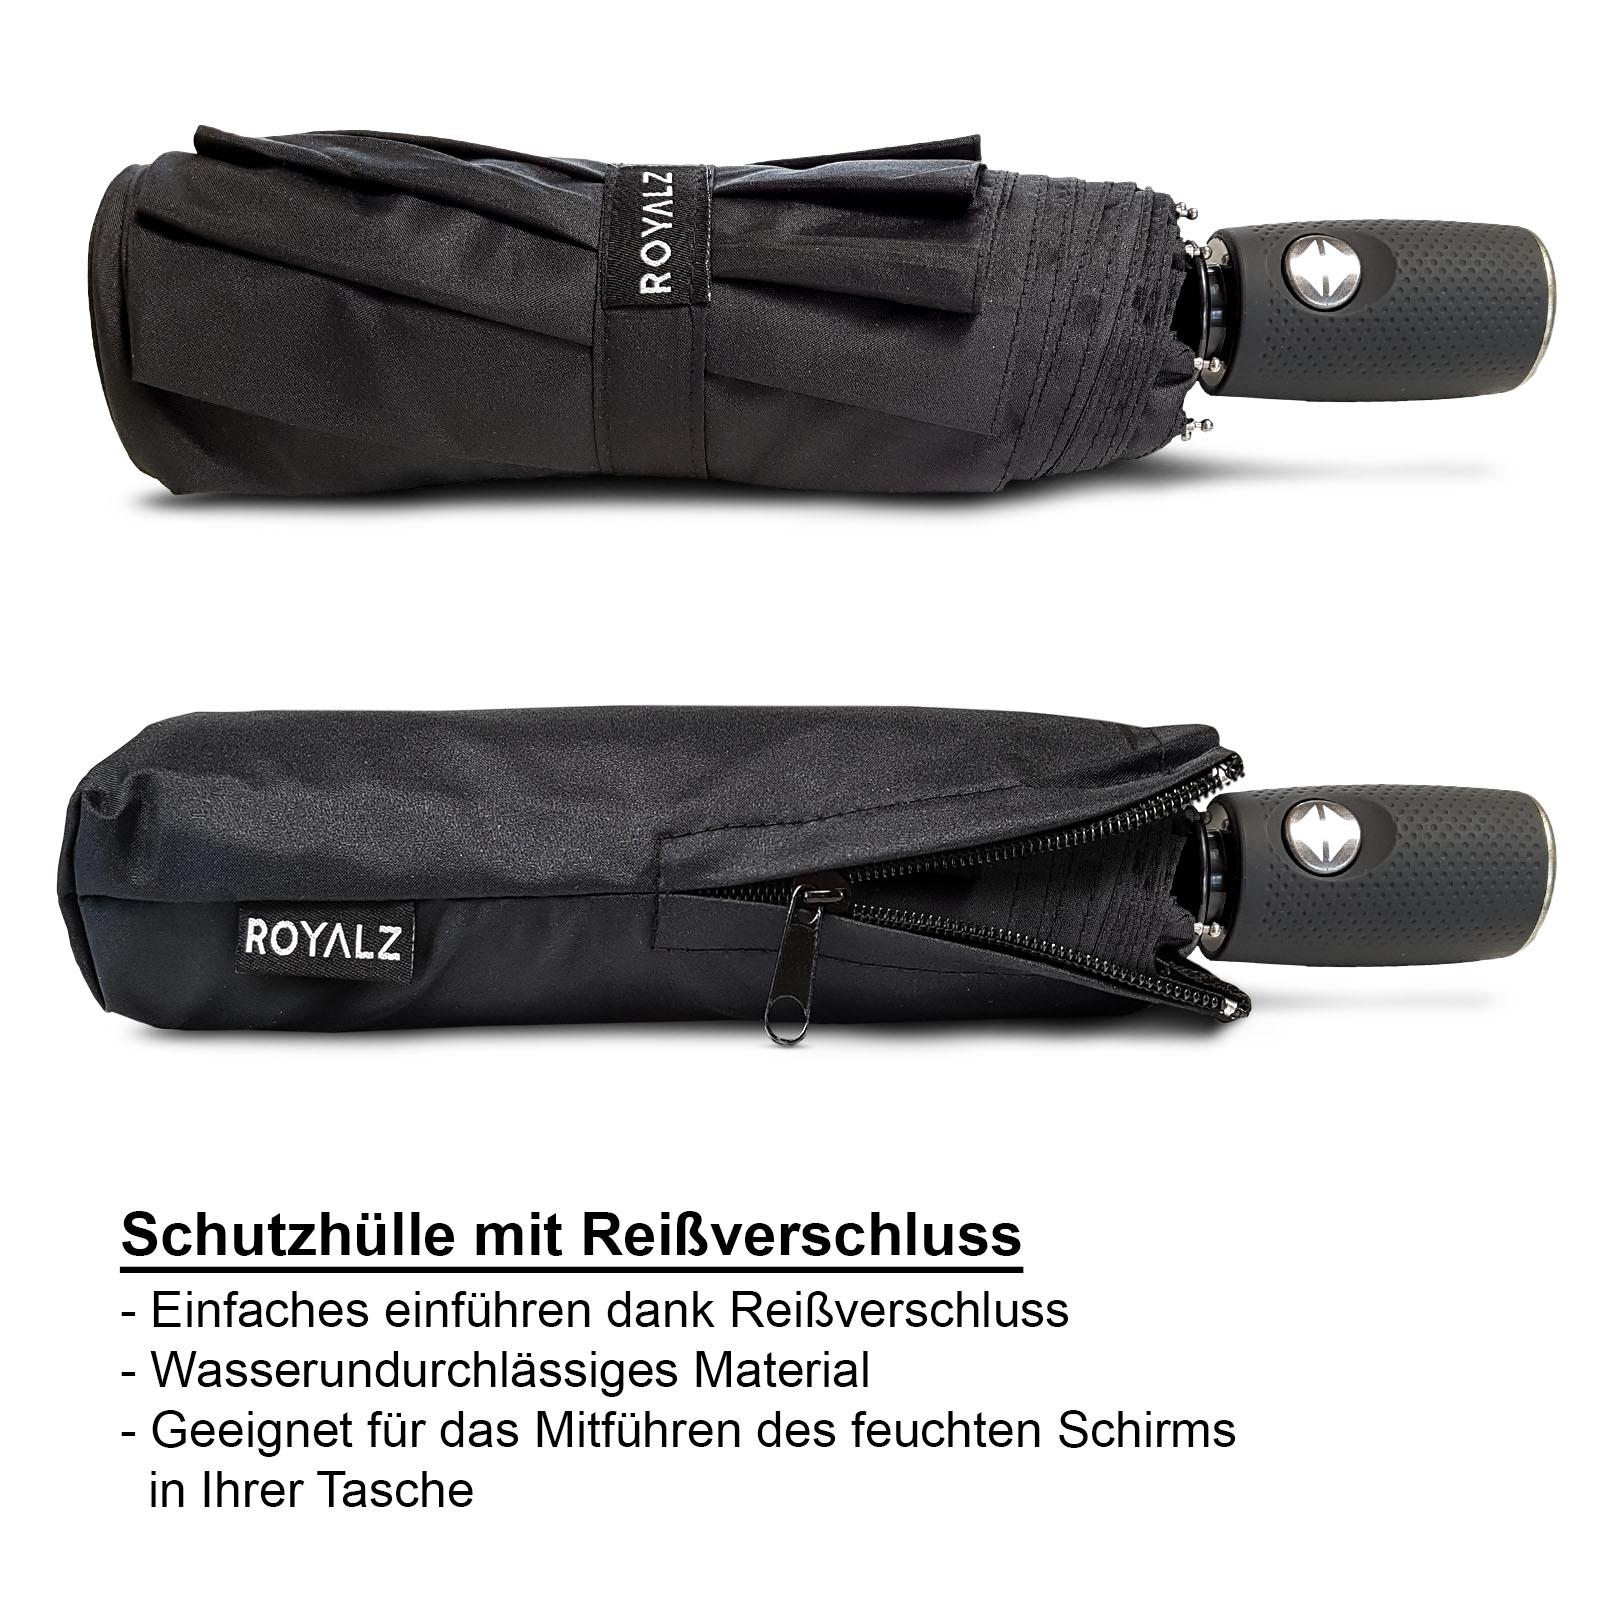 Taschen-Regenschirm braun Farbe mit Schutzhülle